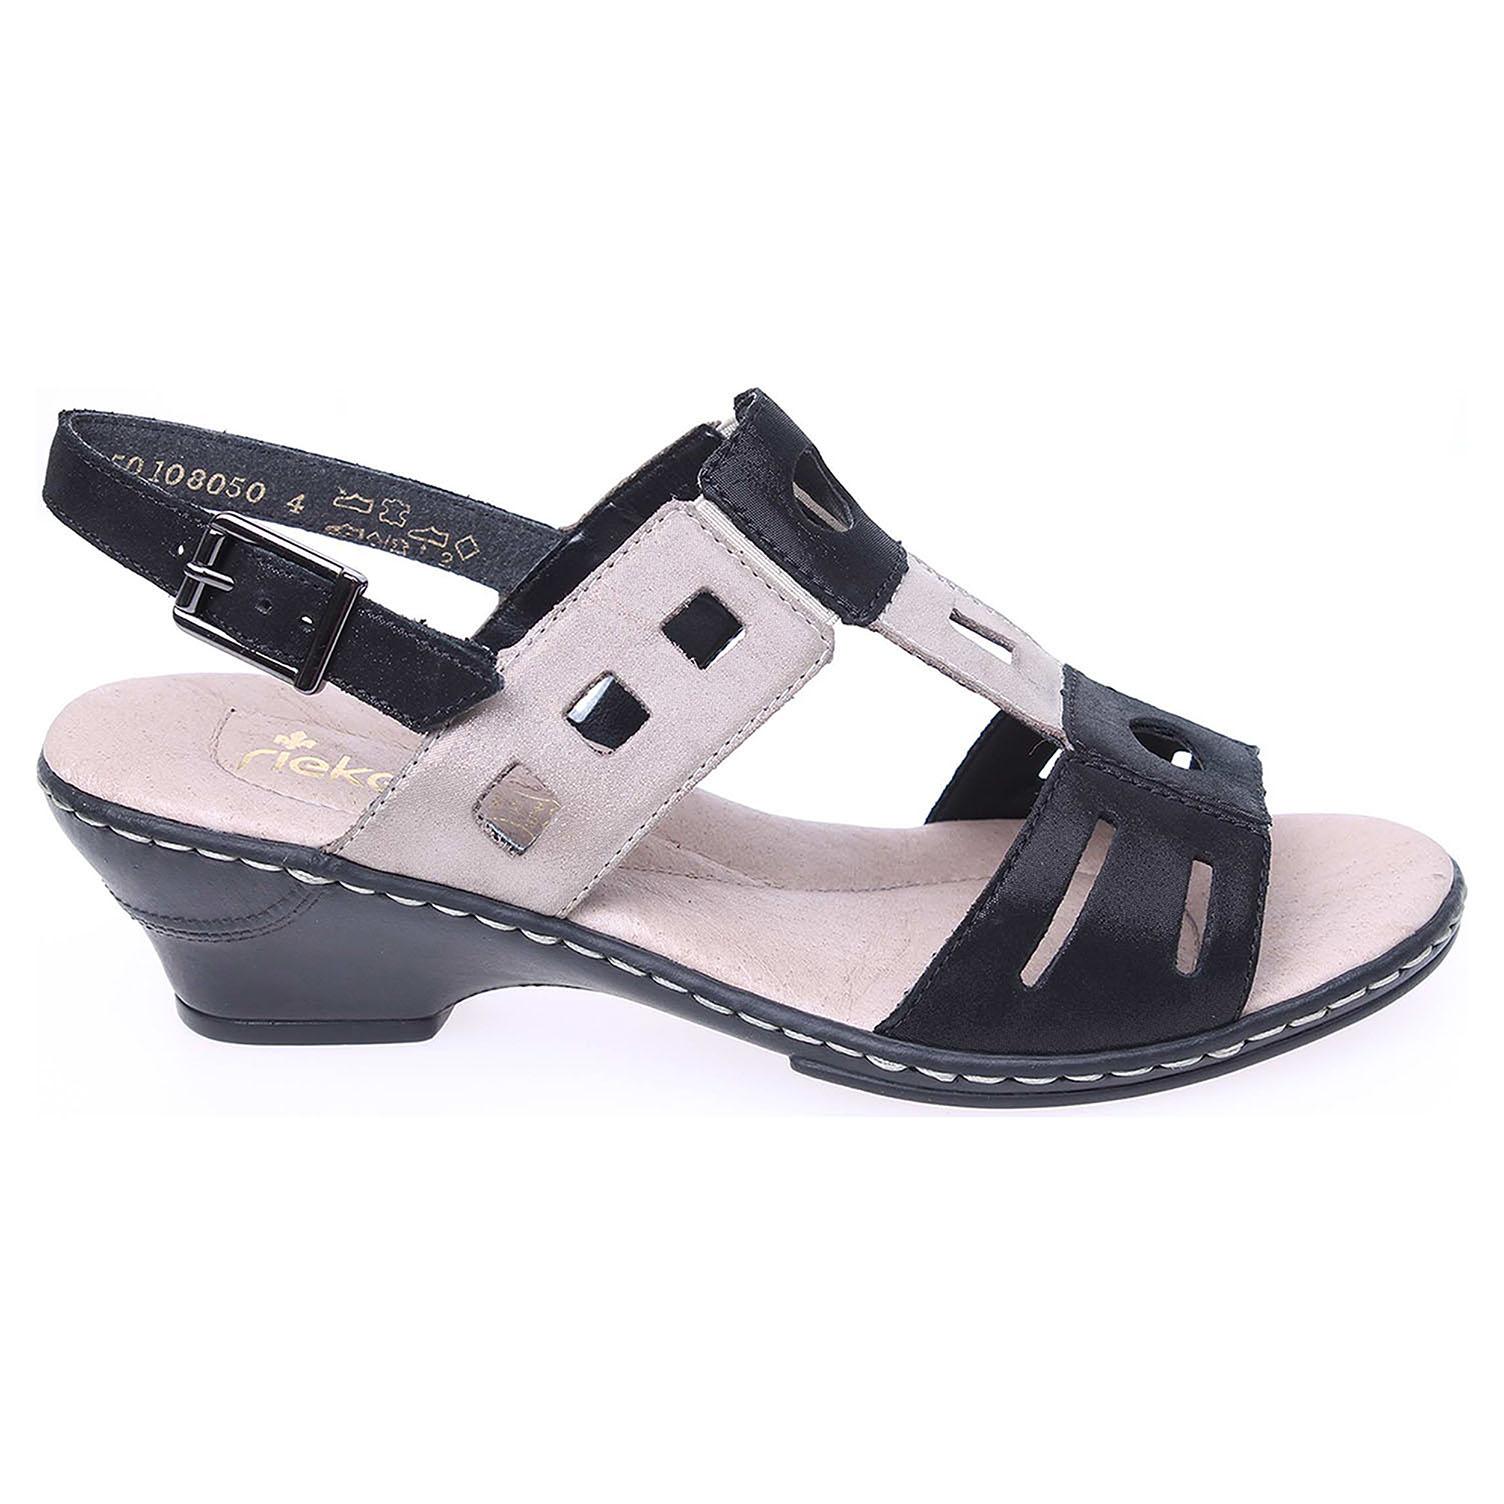 Rieker dámské sandály 62169-00 černé 37